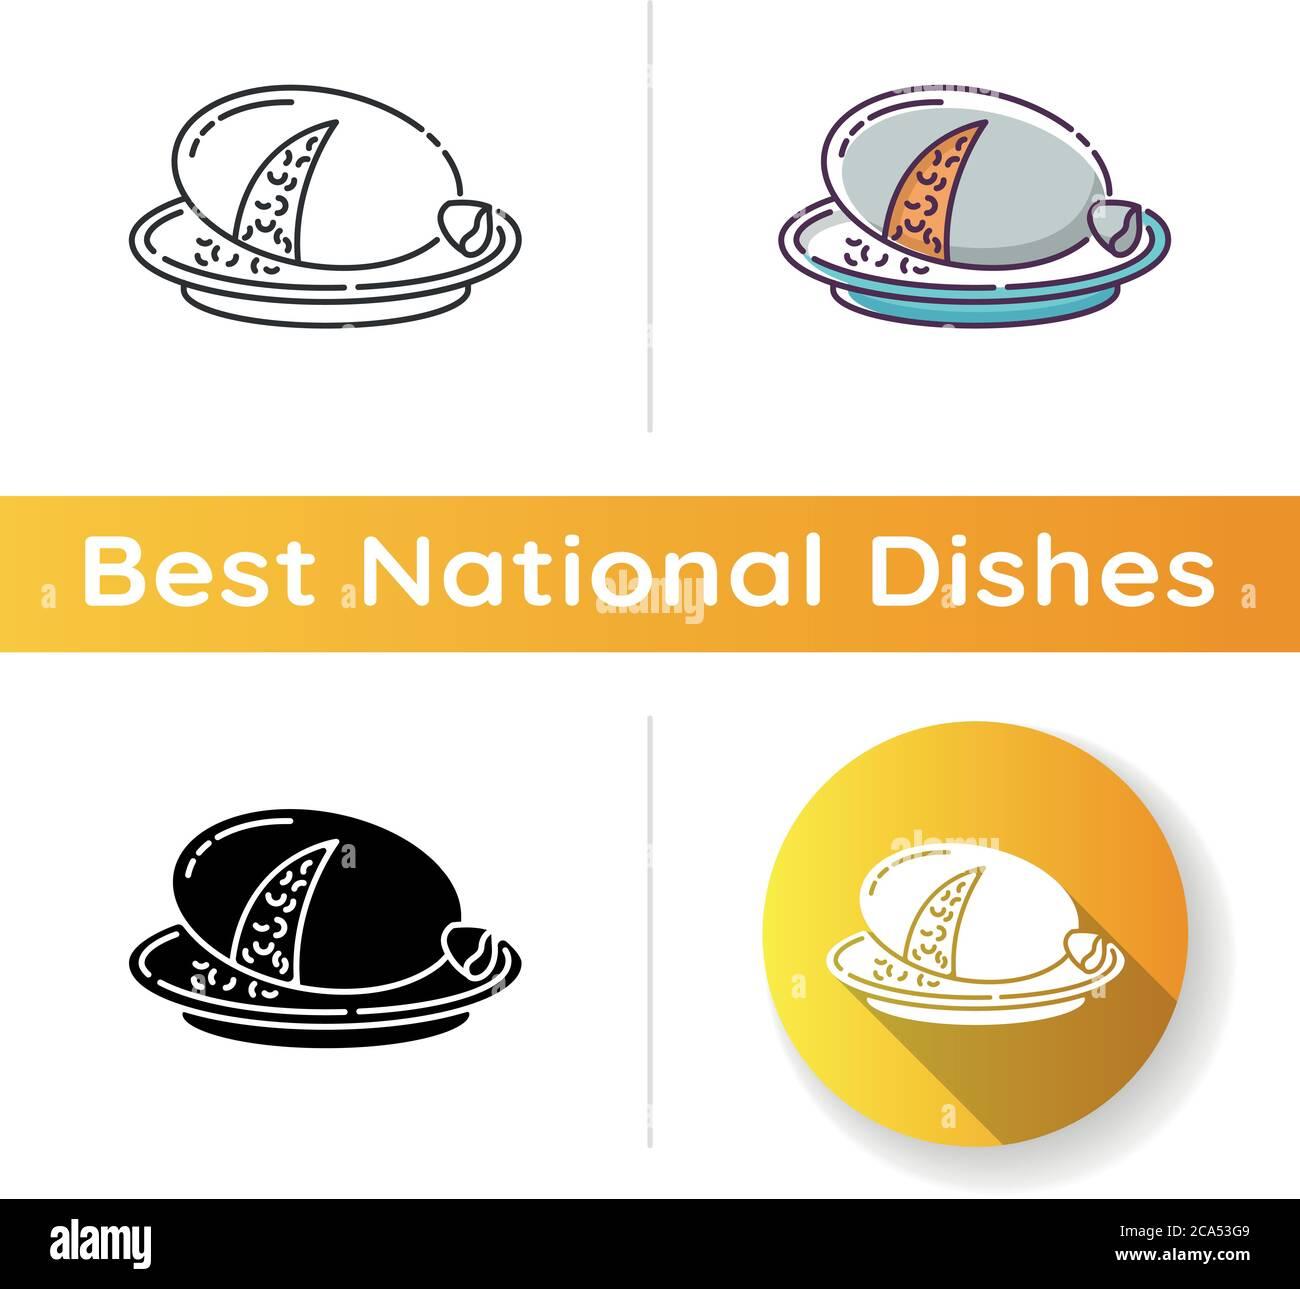 Icono de Haggis. Comida escocesa sabrosa. Receta nacional de pudín. Plato cocinado en el estómago animal. Receta con hígado de oveja y pulmones. Lineal negro y RGB col Ilustración del Vector